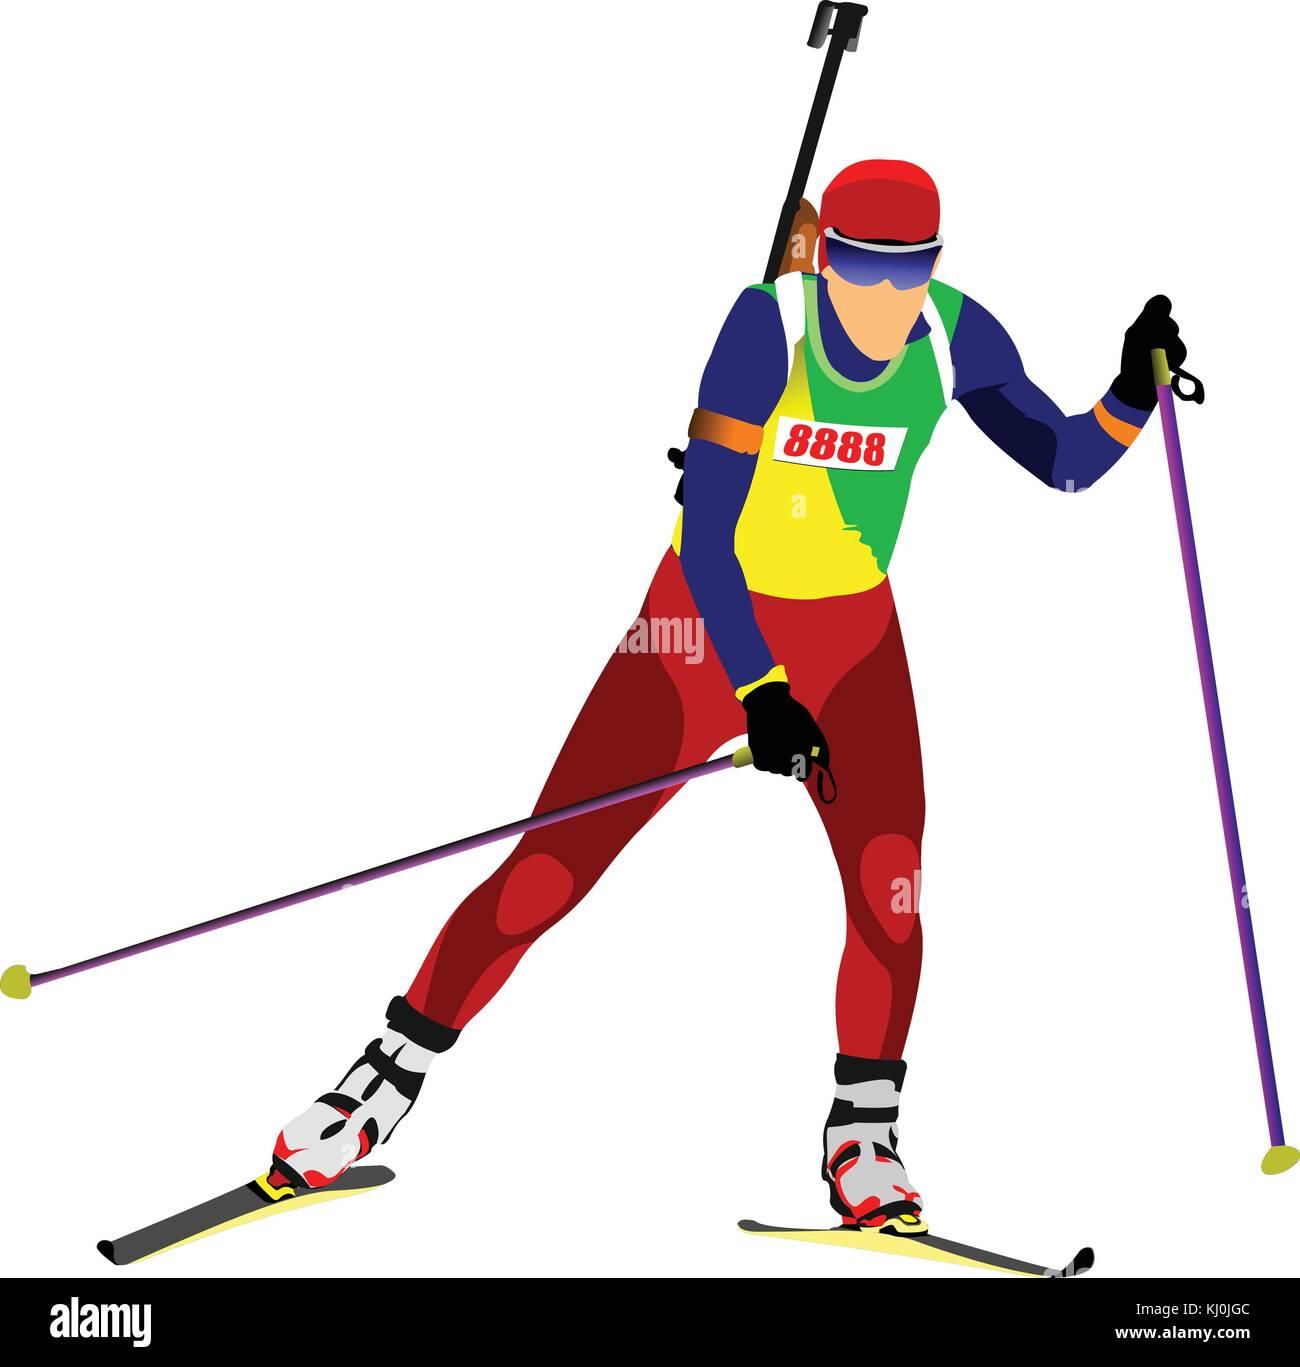 Biathlon runner silhouette. Vector illustration - Stock Vector